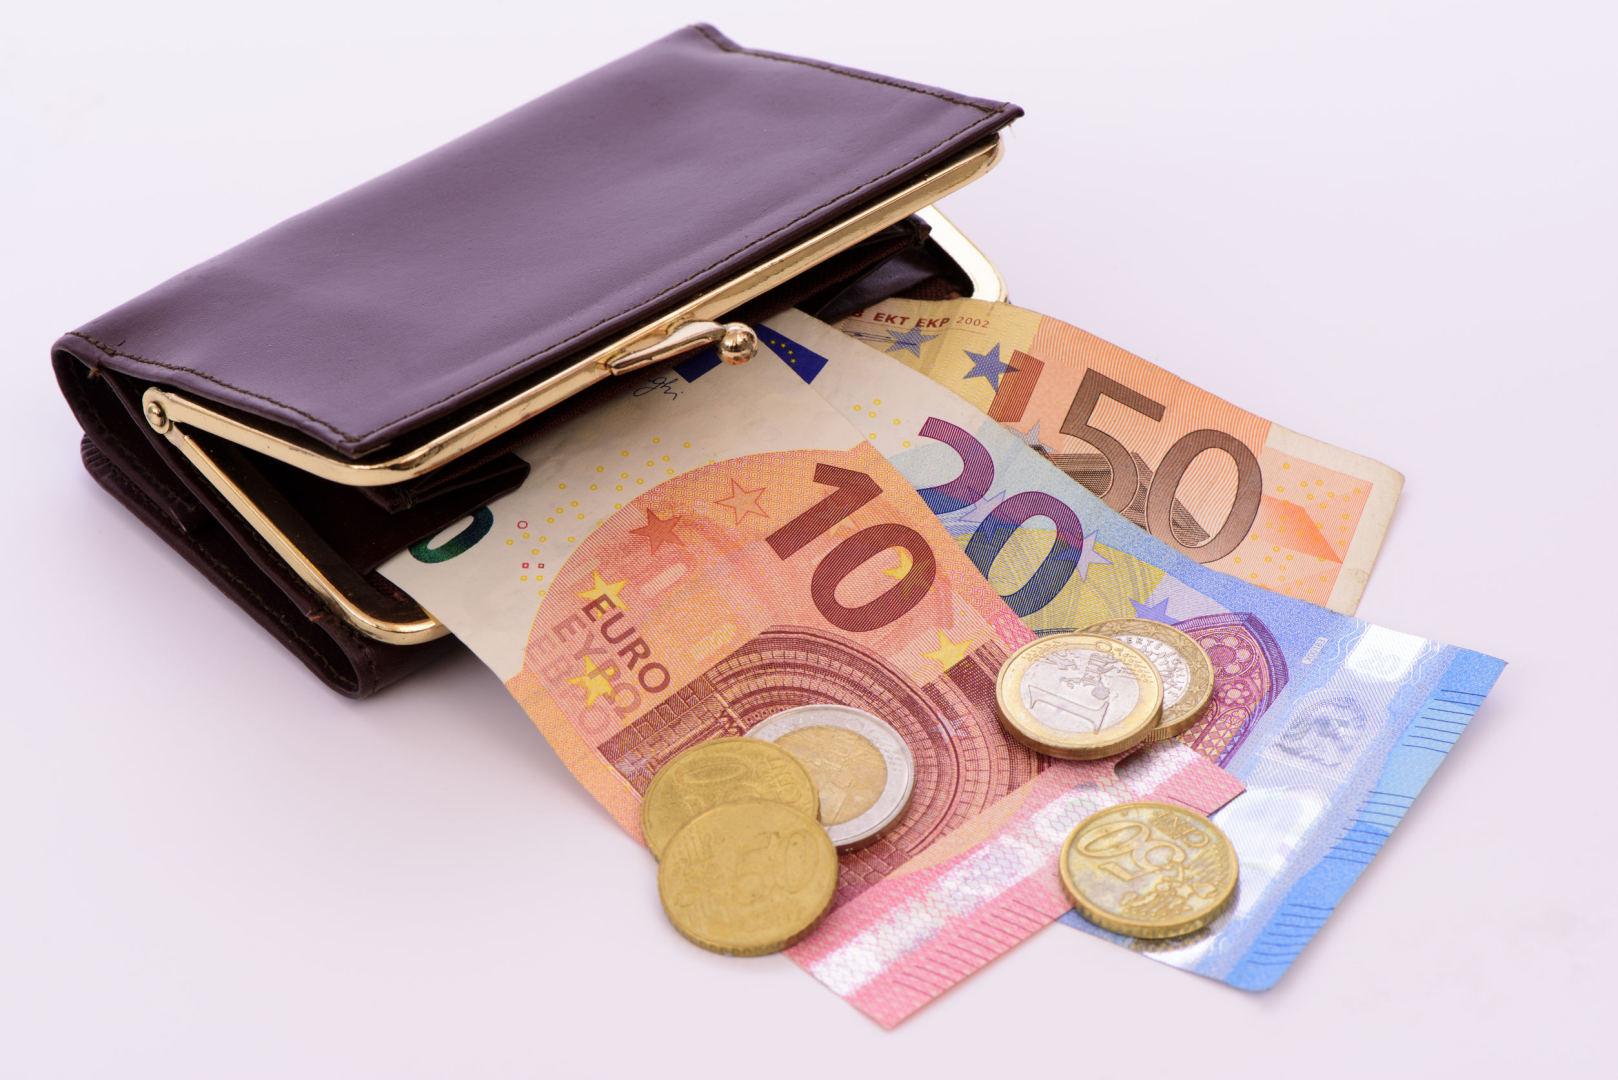 kaip kasdien kaupti pinigus kaip valdyti bitcoin prekybą kas yra forex brokeris